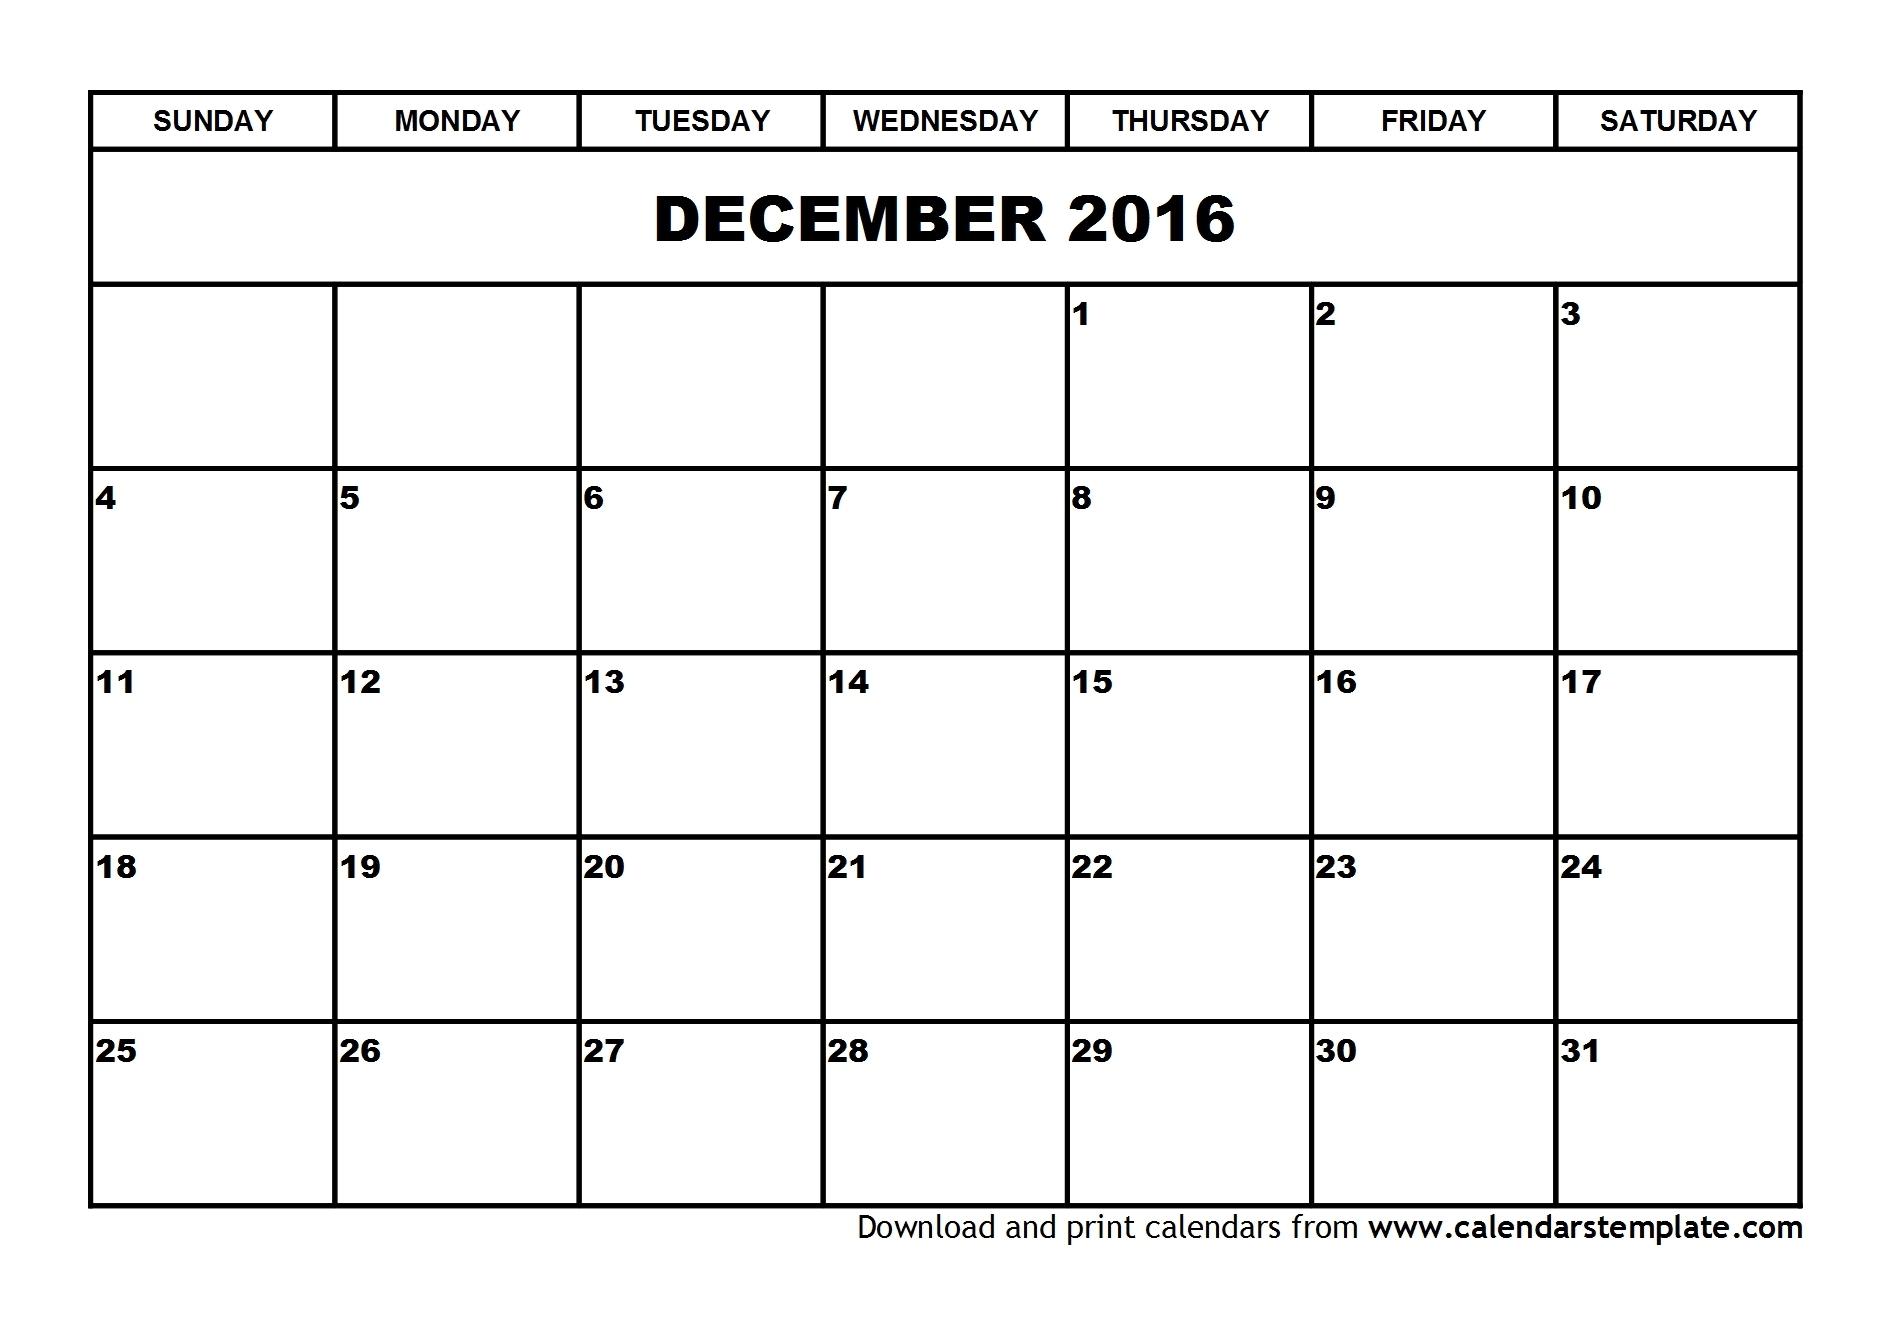 009 Blank Calendar Template Ideas November Printable December Pdf regarding Pdf Blank Calendar Without Months